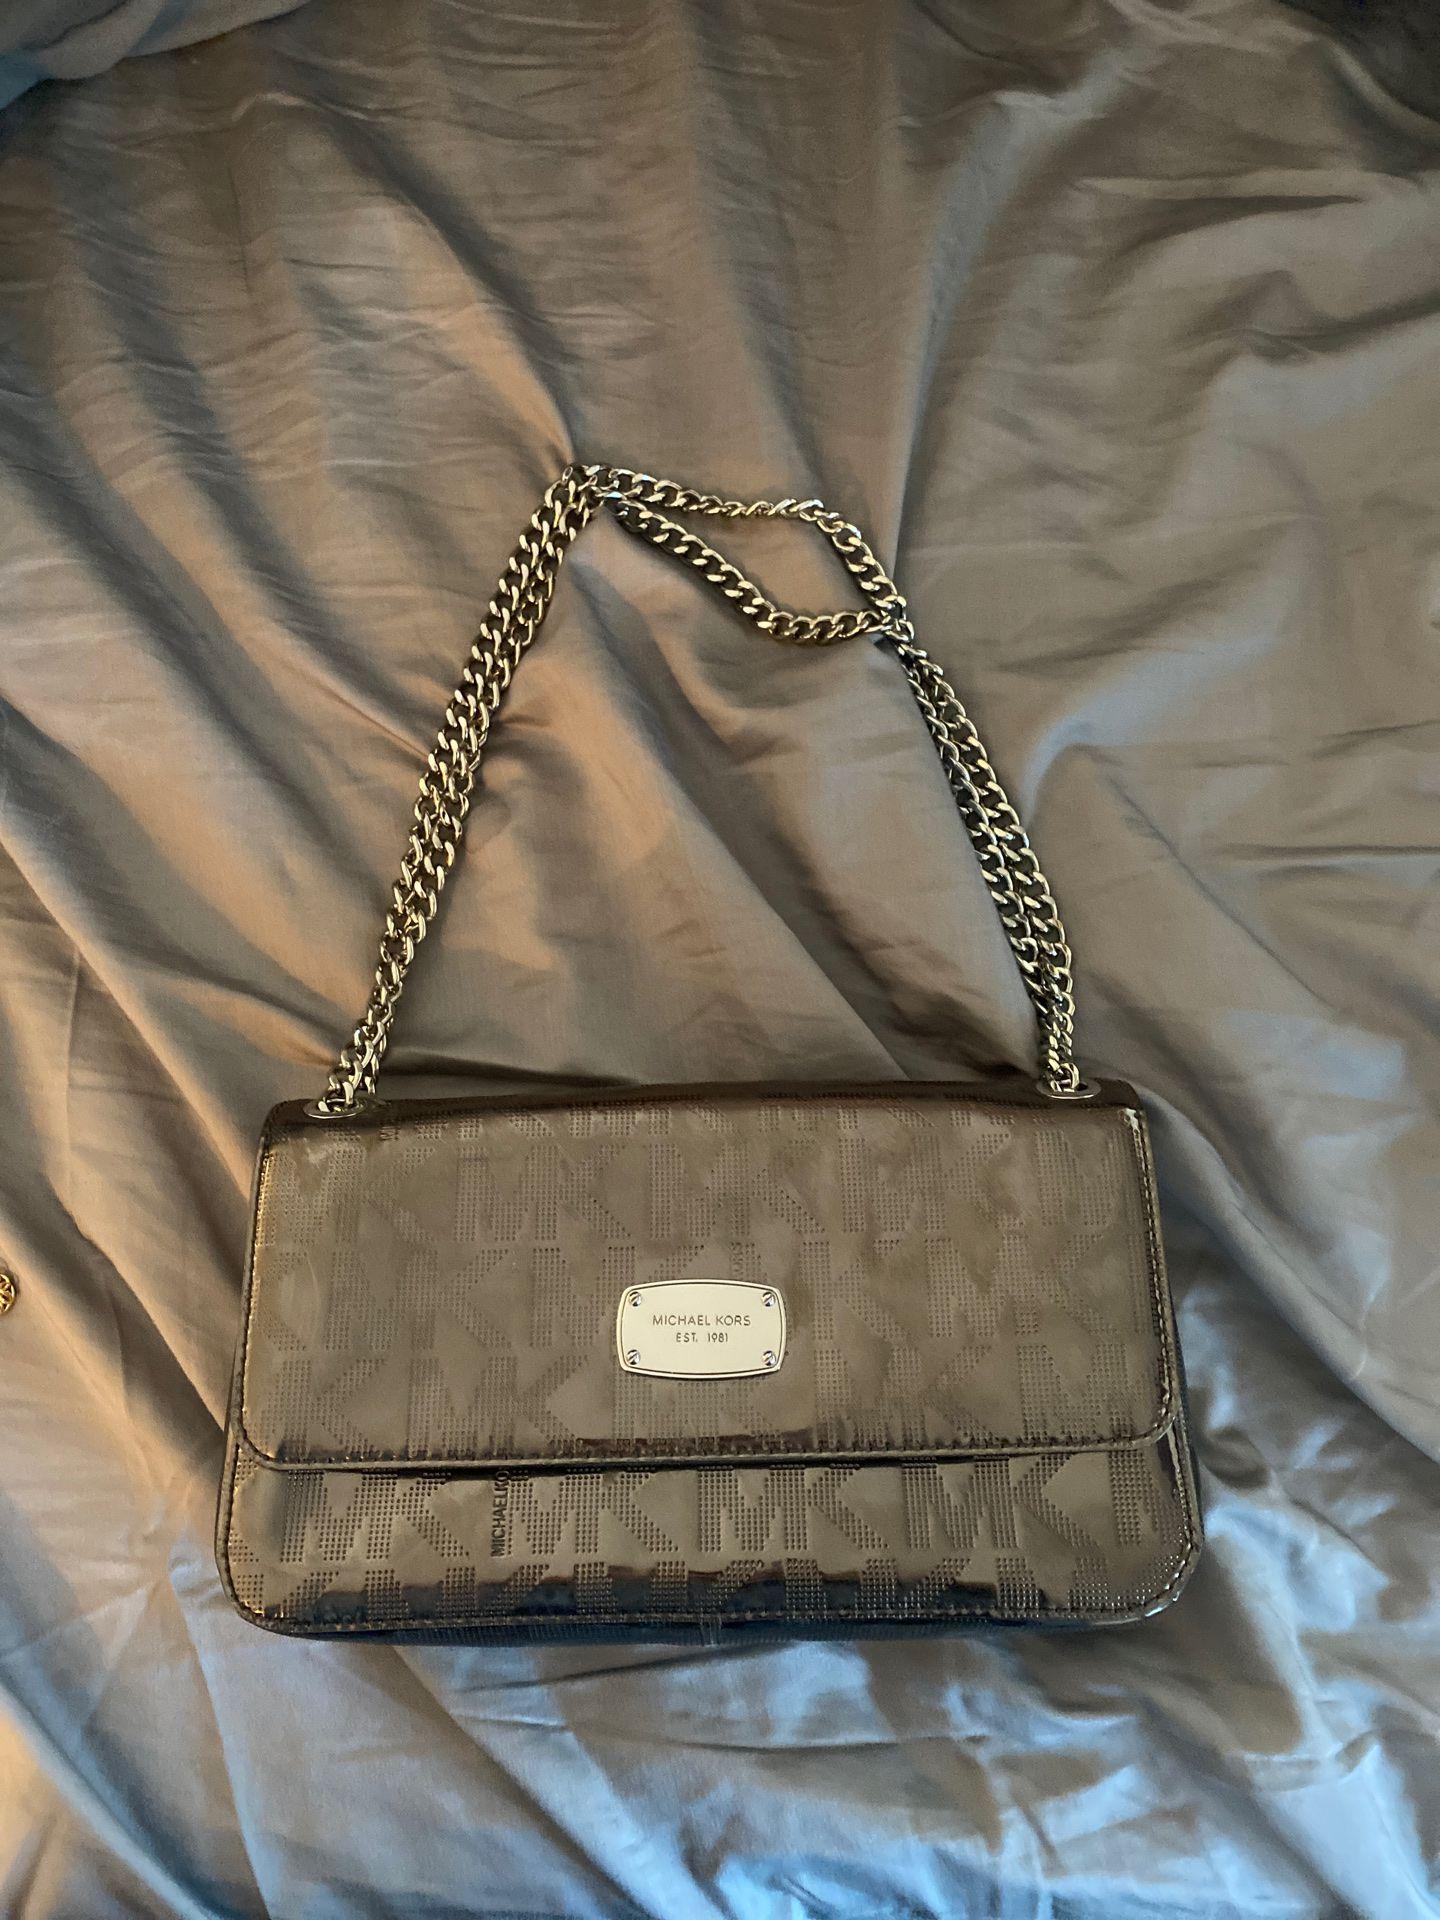 Beautiful Michael Kors silver handbag